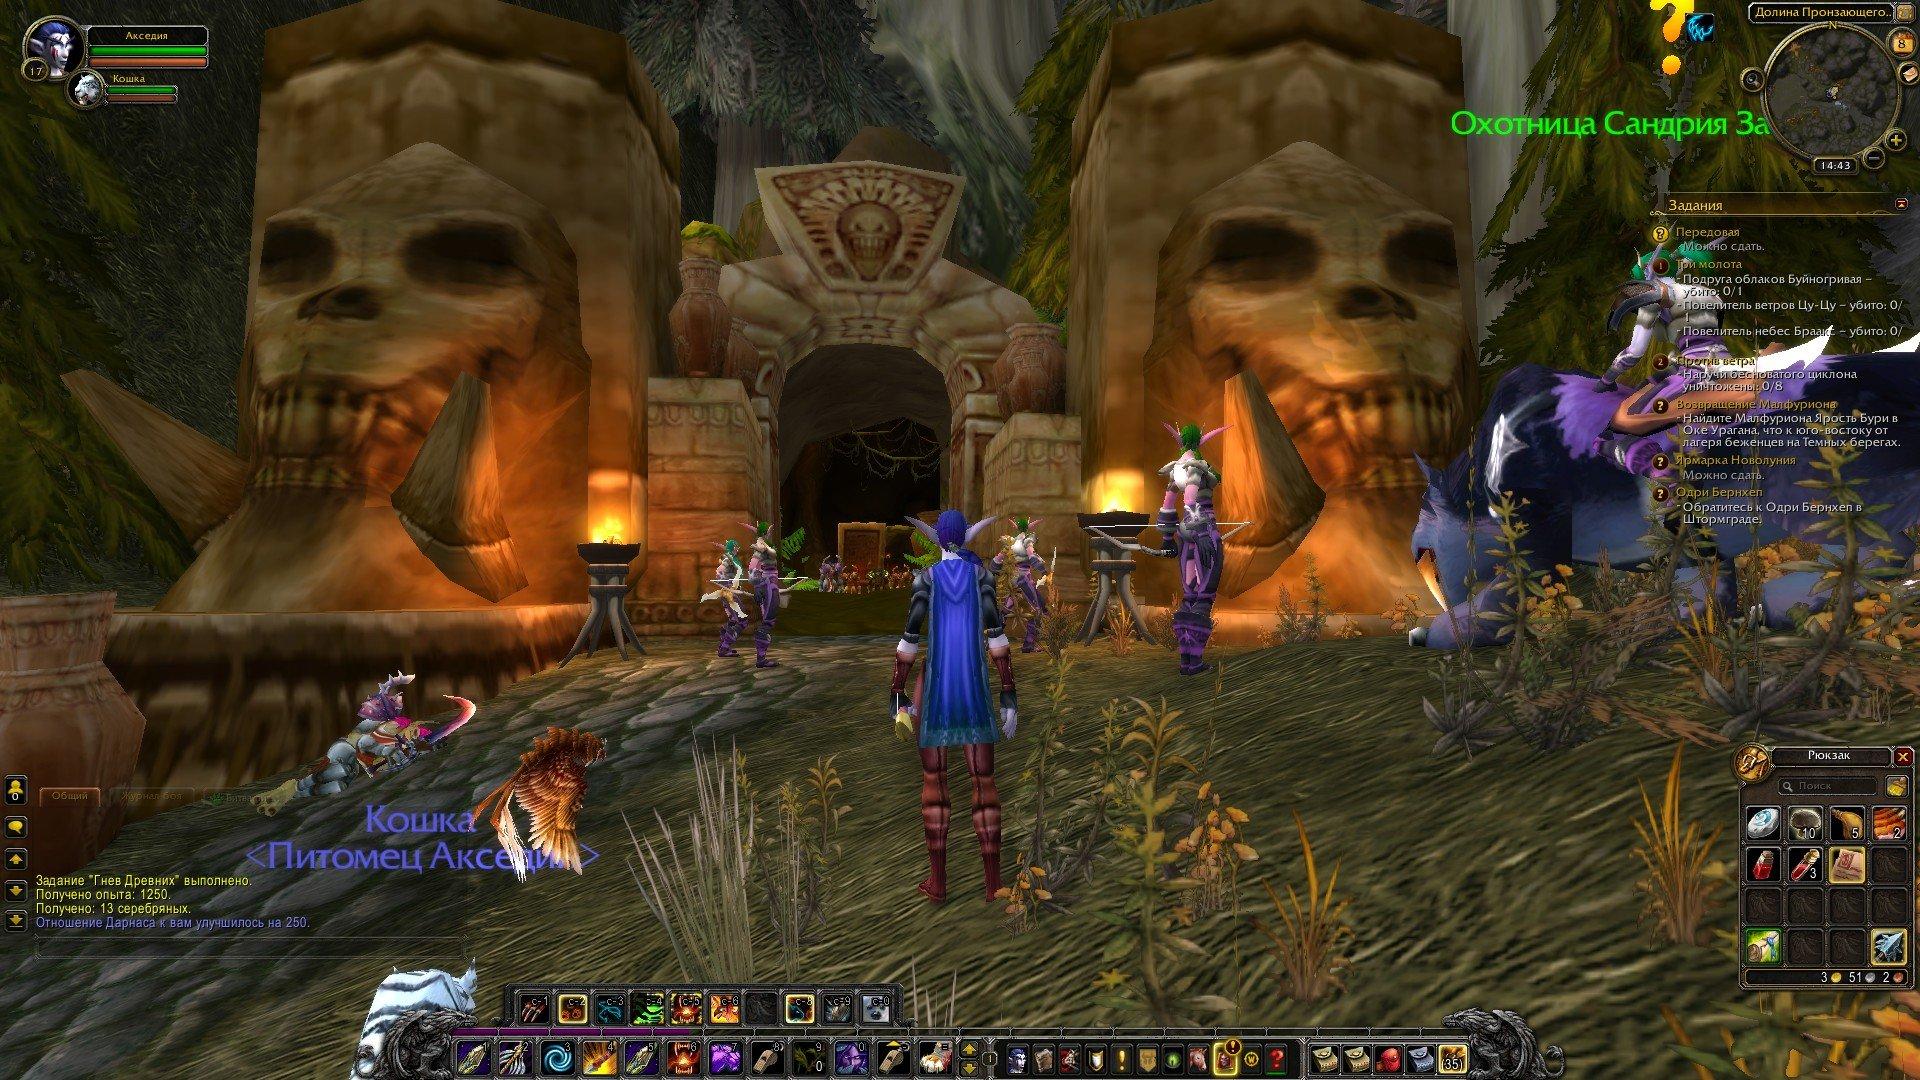 Путешествие по World of Warcraft ... Ночной Эльф. Глава 2. - Изображение 7